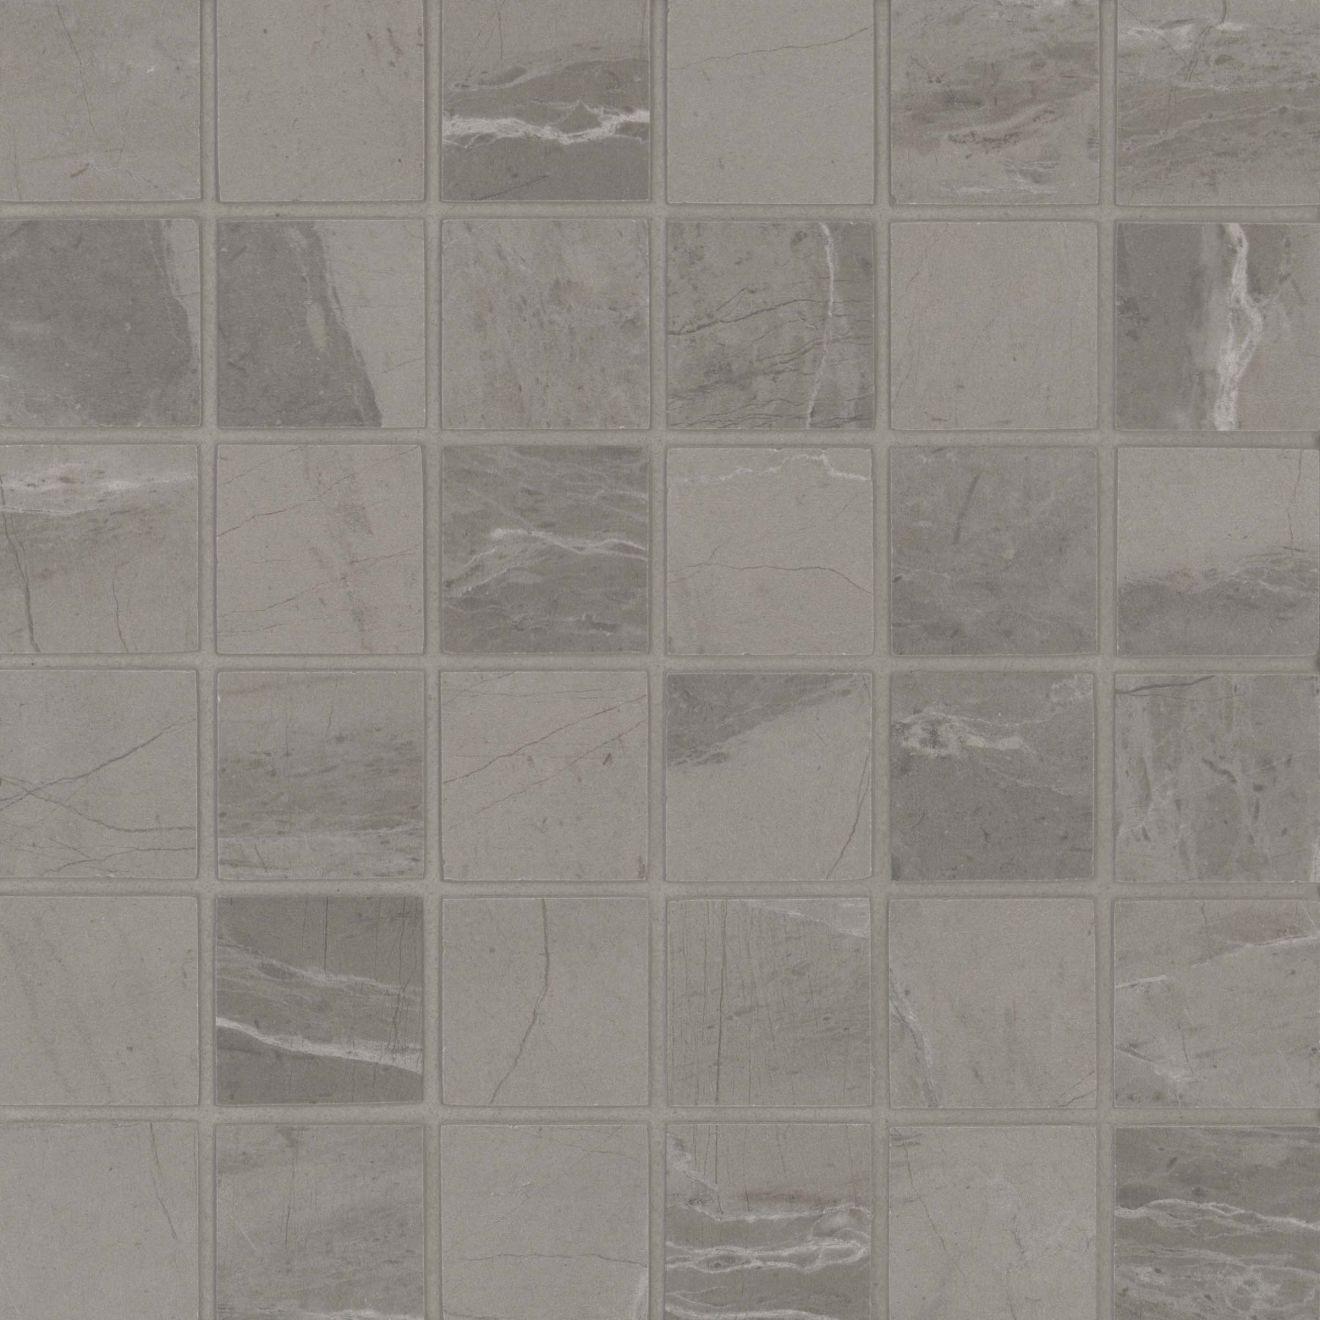 Tesoro Wall Mosaic in Taupe